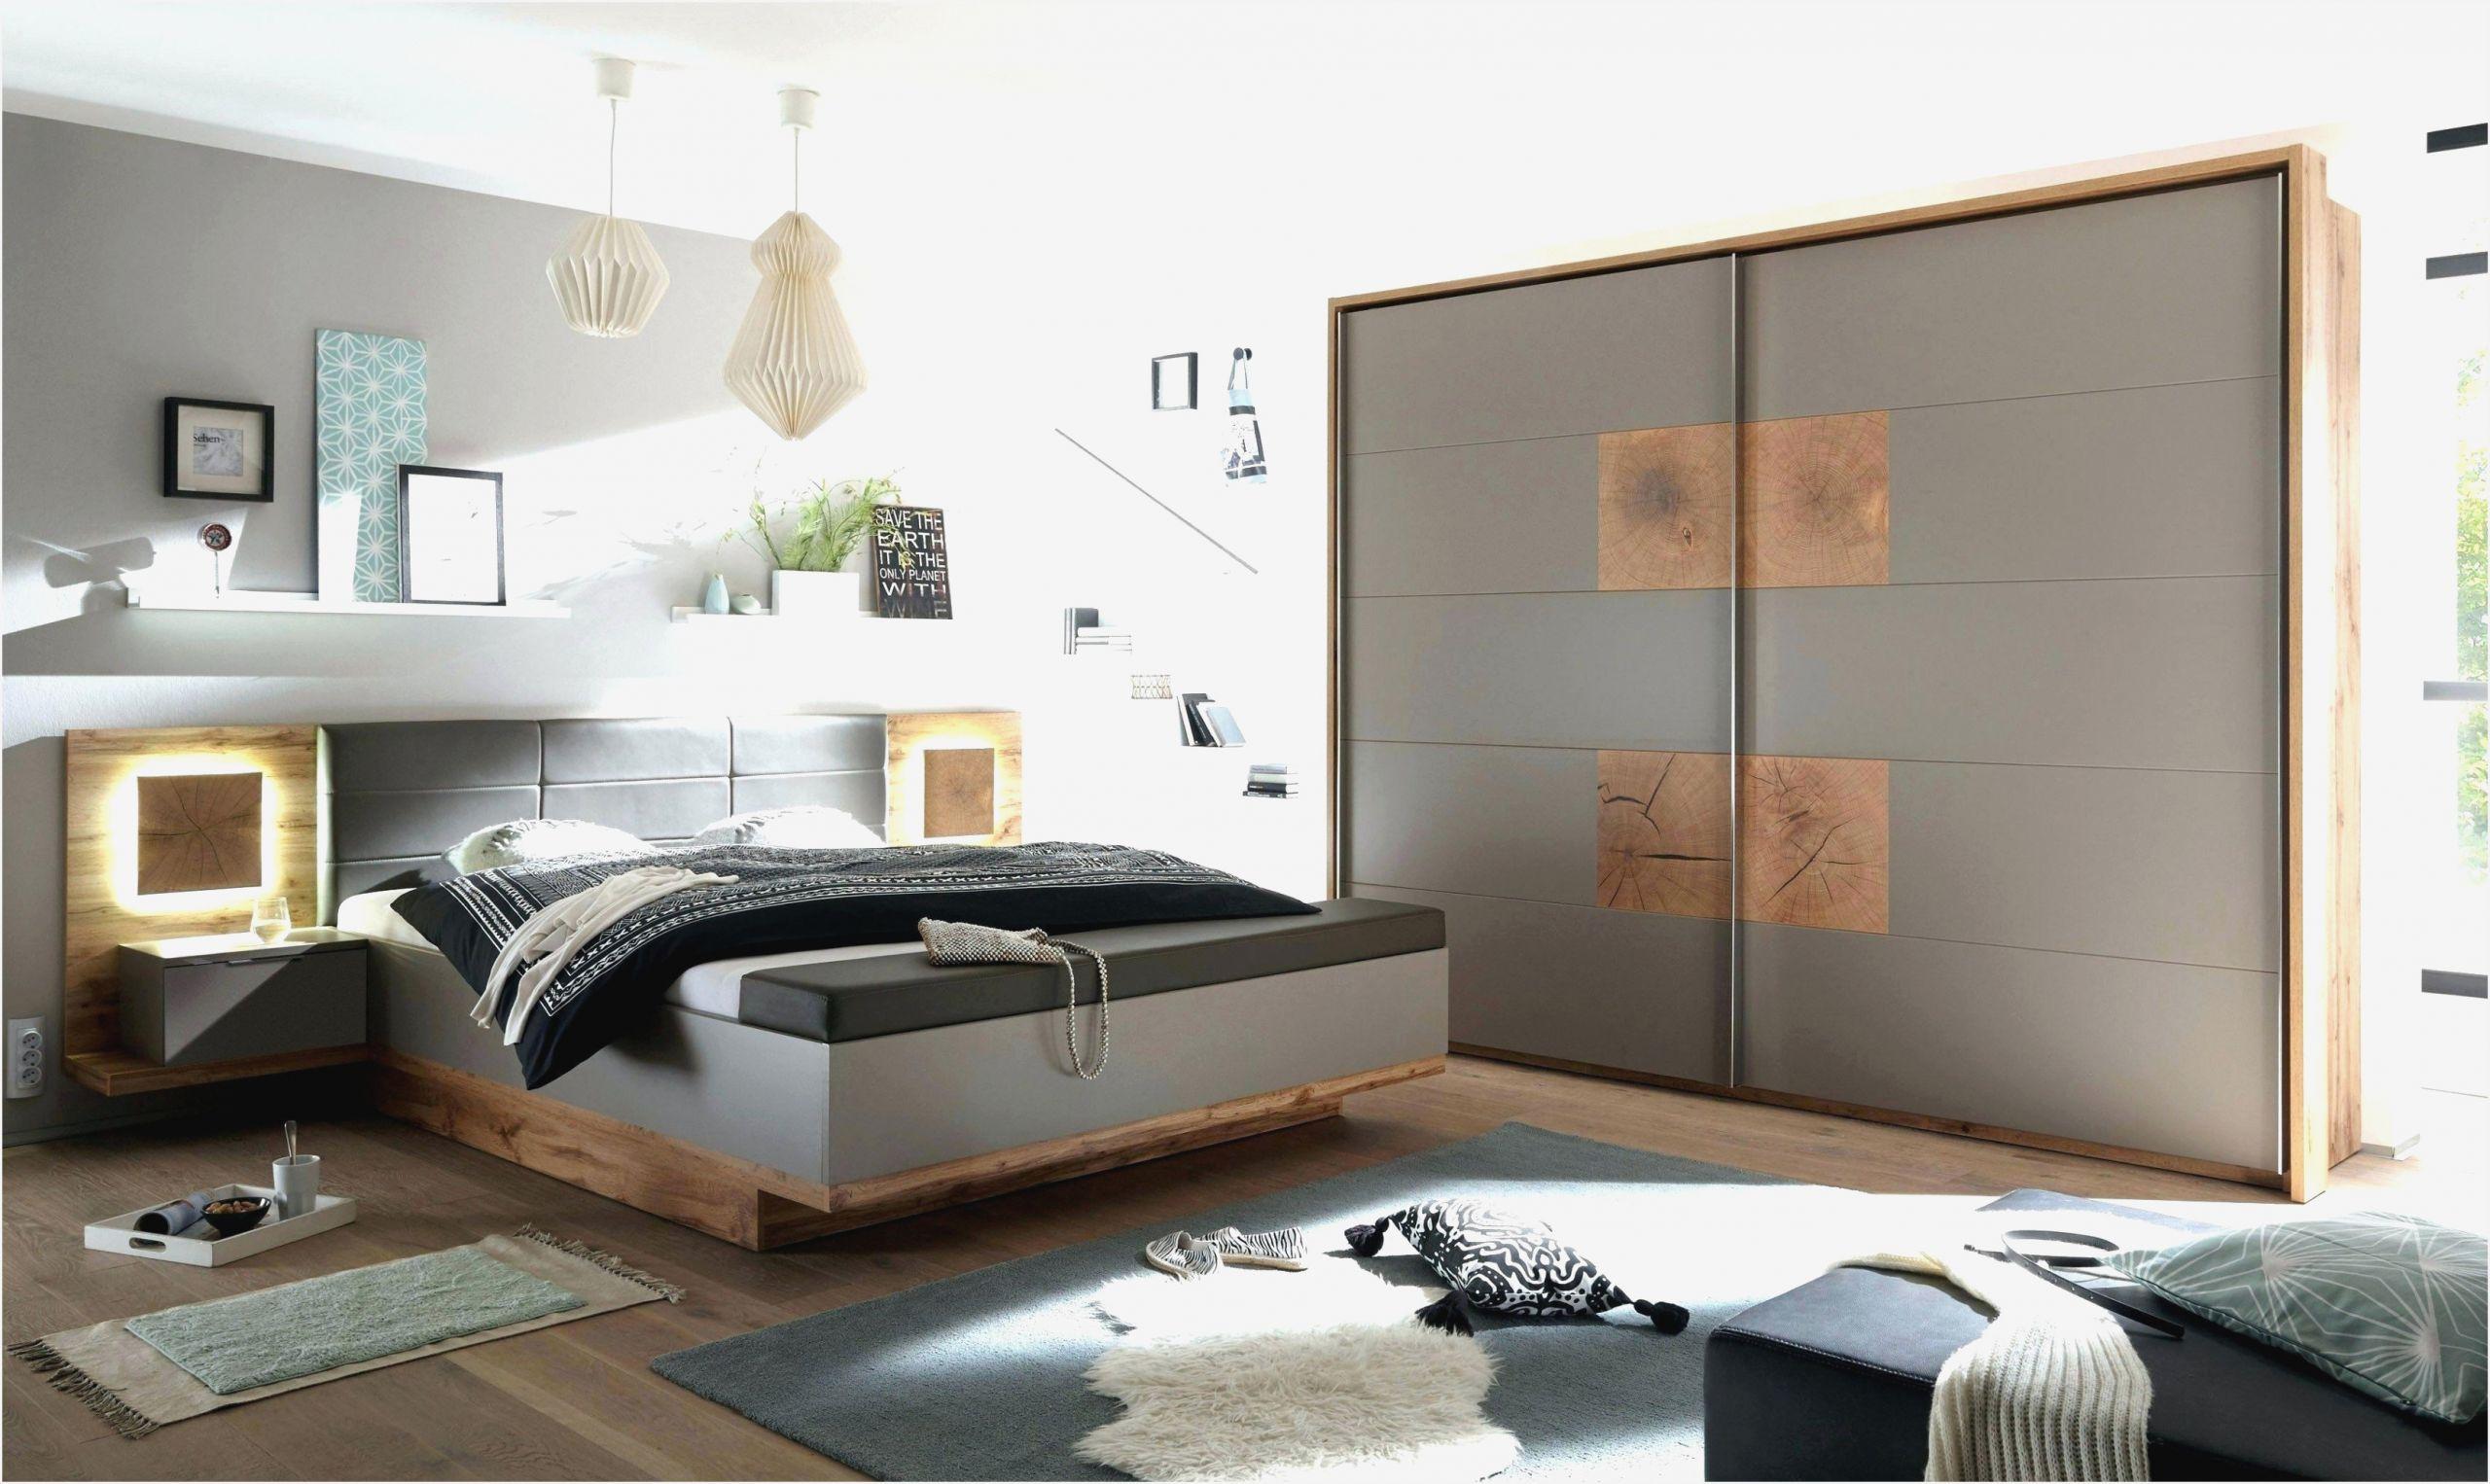 Full Size of Eckschrank Ikea Schlafzimmer Spiegel Traumhaus Dekoration Küche Bad Kosten Betten 160x200 Kaufen Bei Miniküche Sofa Mit Schlaffunktion Modulküche Wohnzimmer Eckschrank Ikea